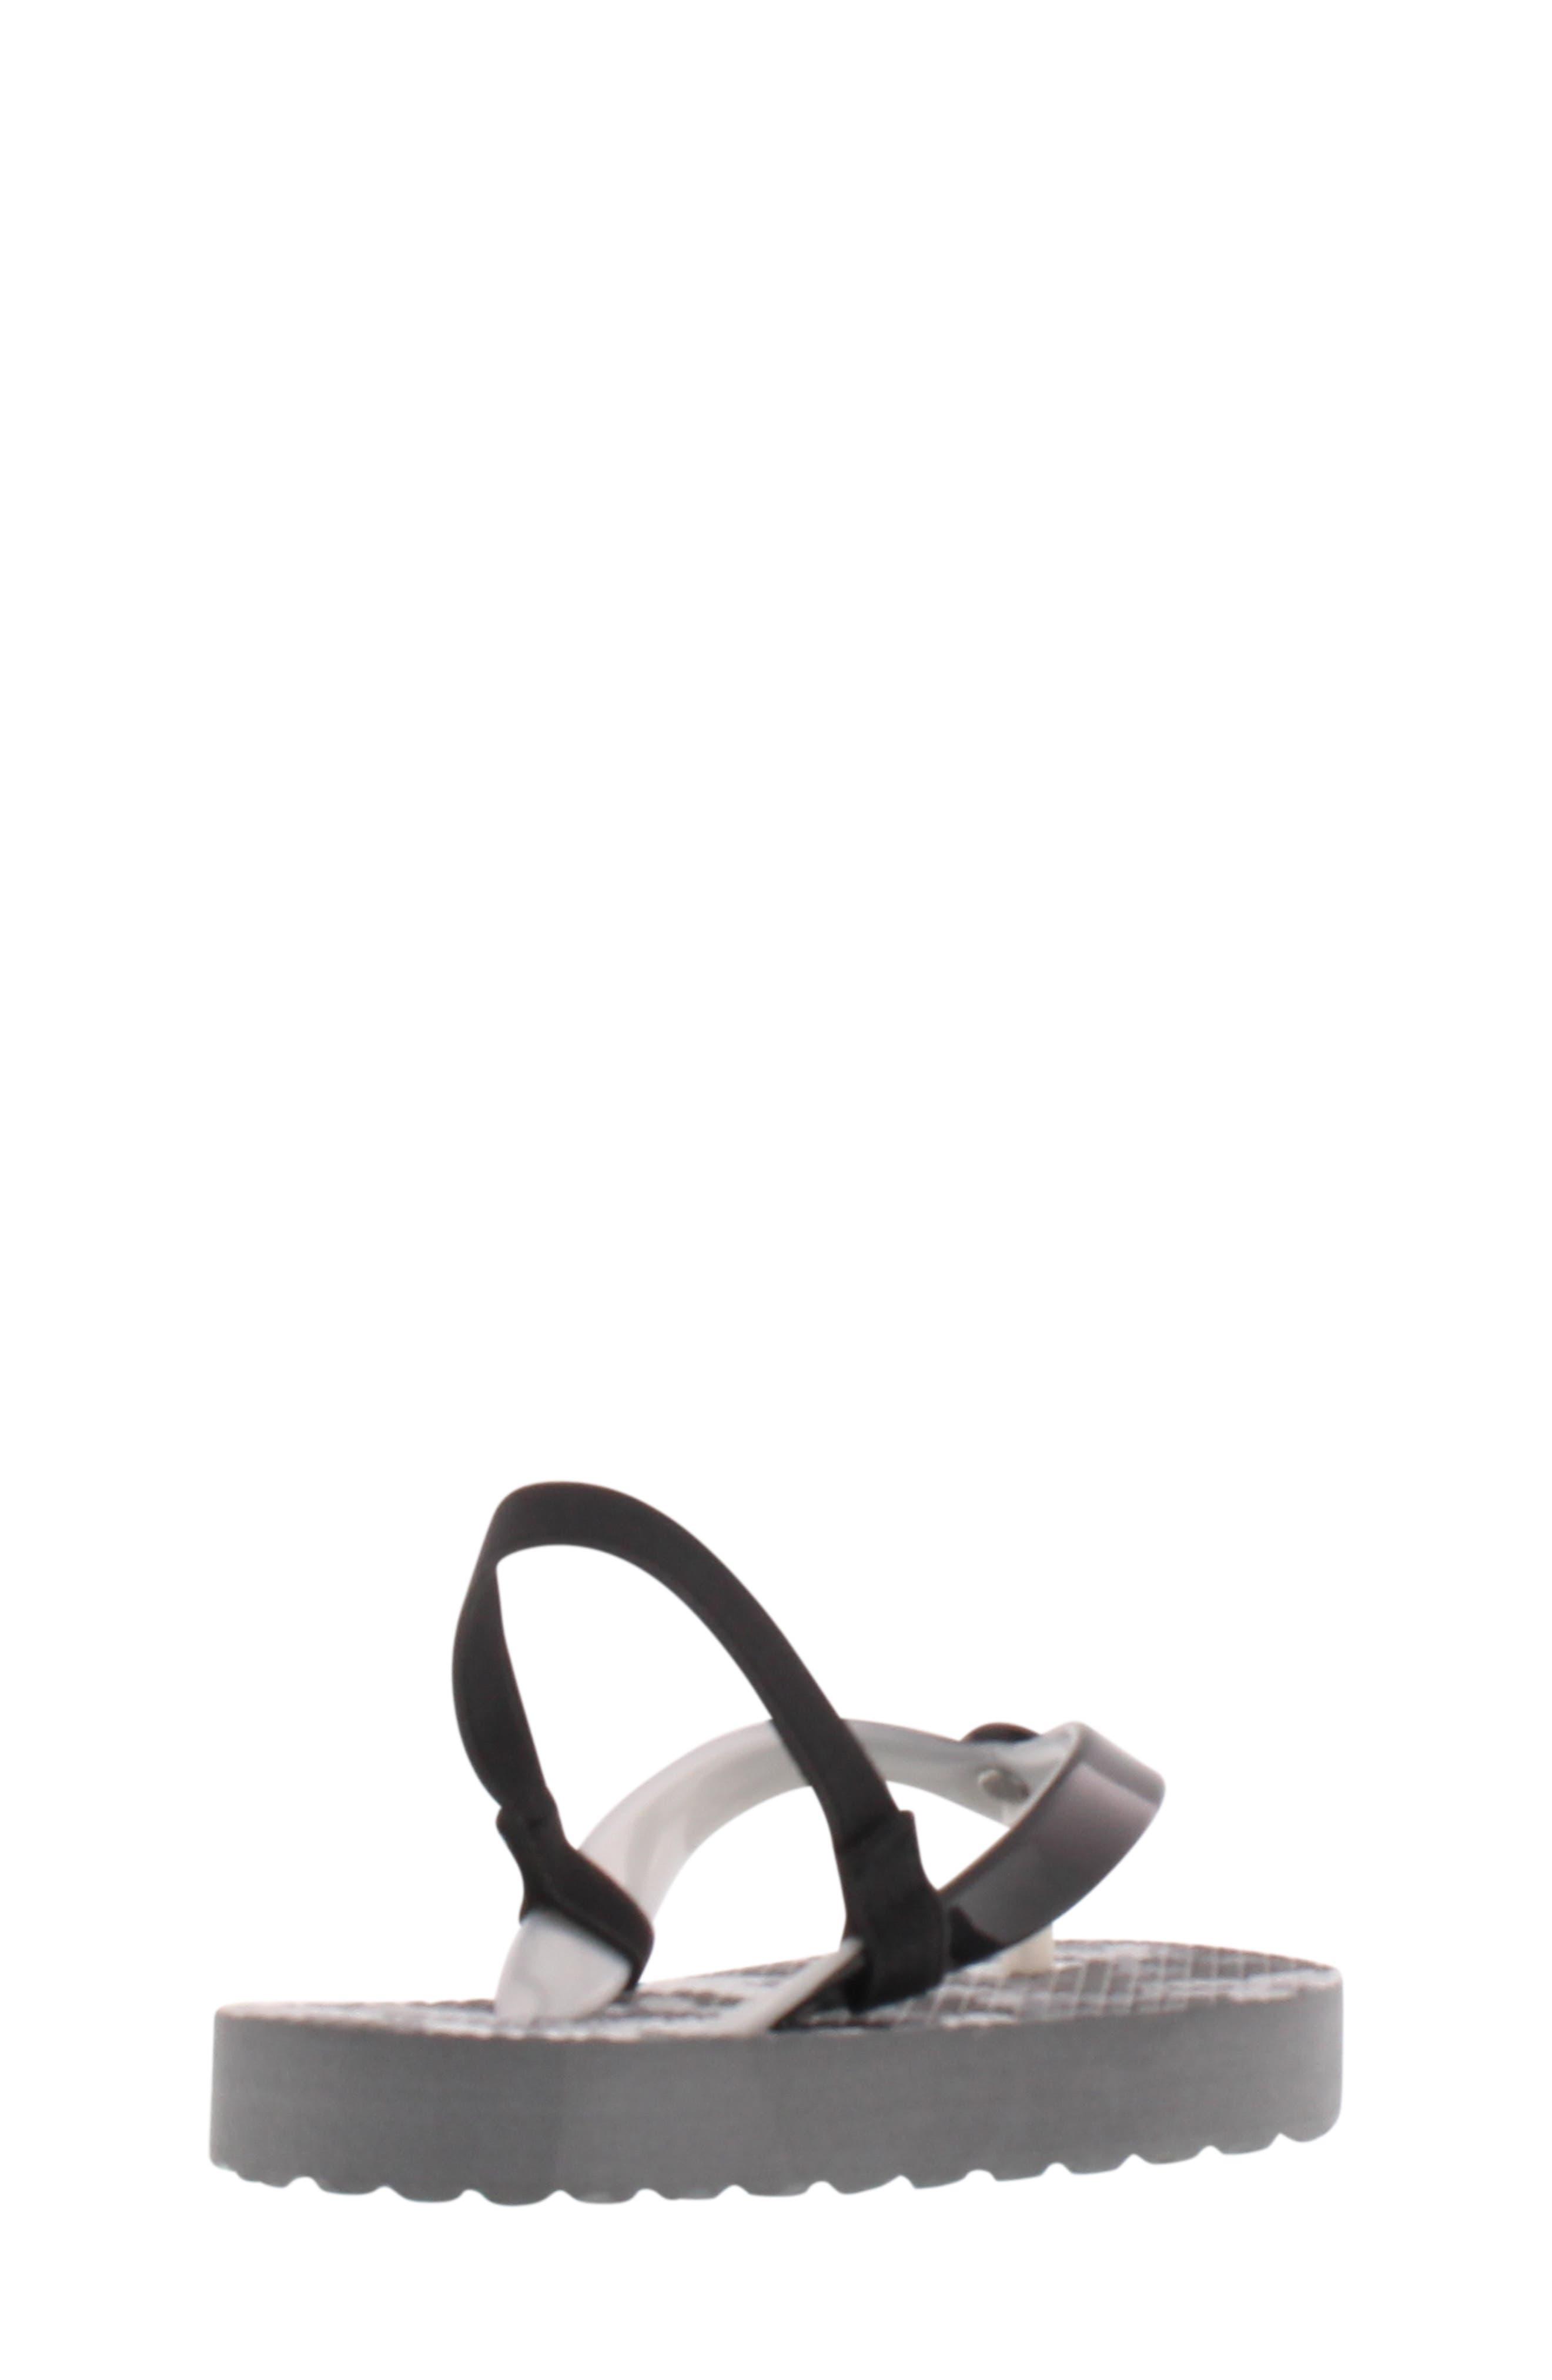 Endine Butterfly Sandal,                             Alternate thumbnail 2, color,                             BLACK GREY